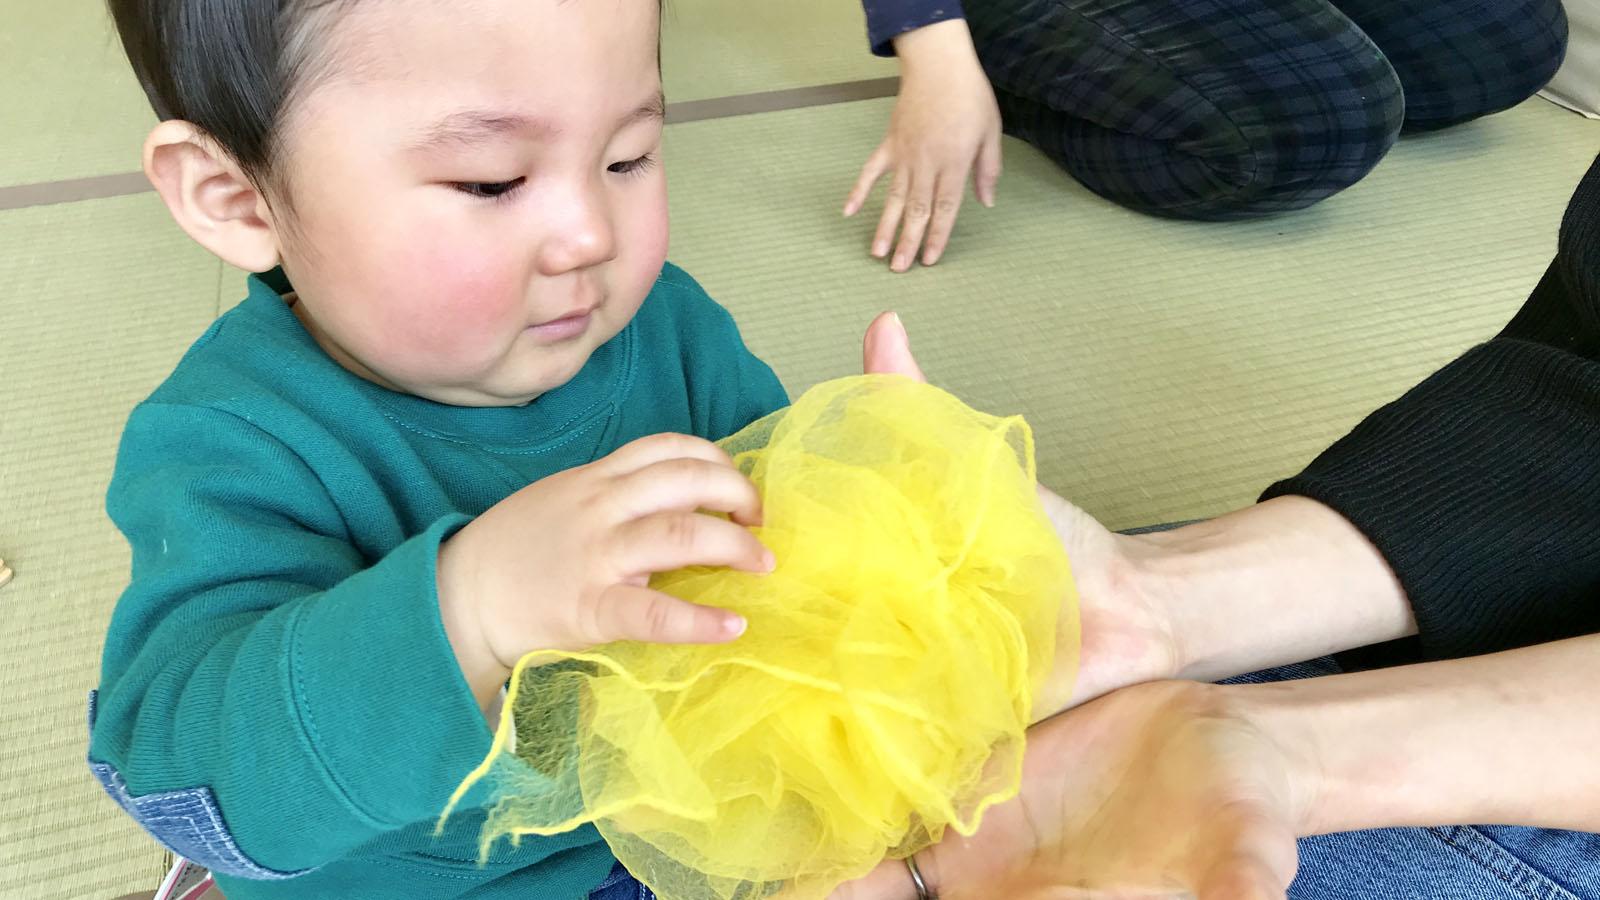 子どもの気持ちをふんわり包む魔法の布「シフォンスカーフ」